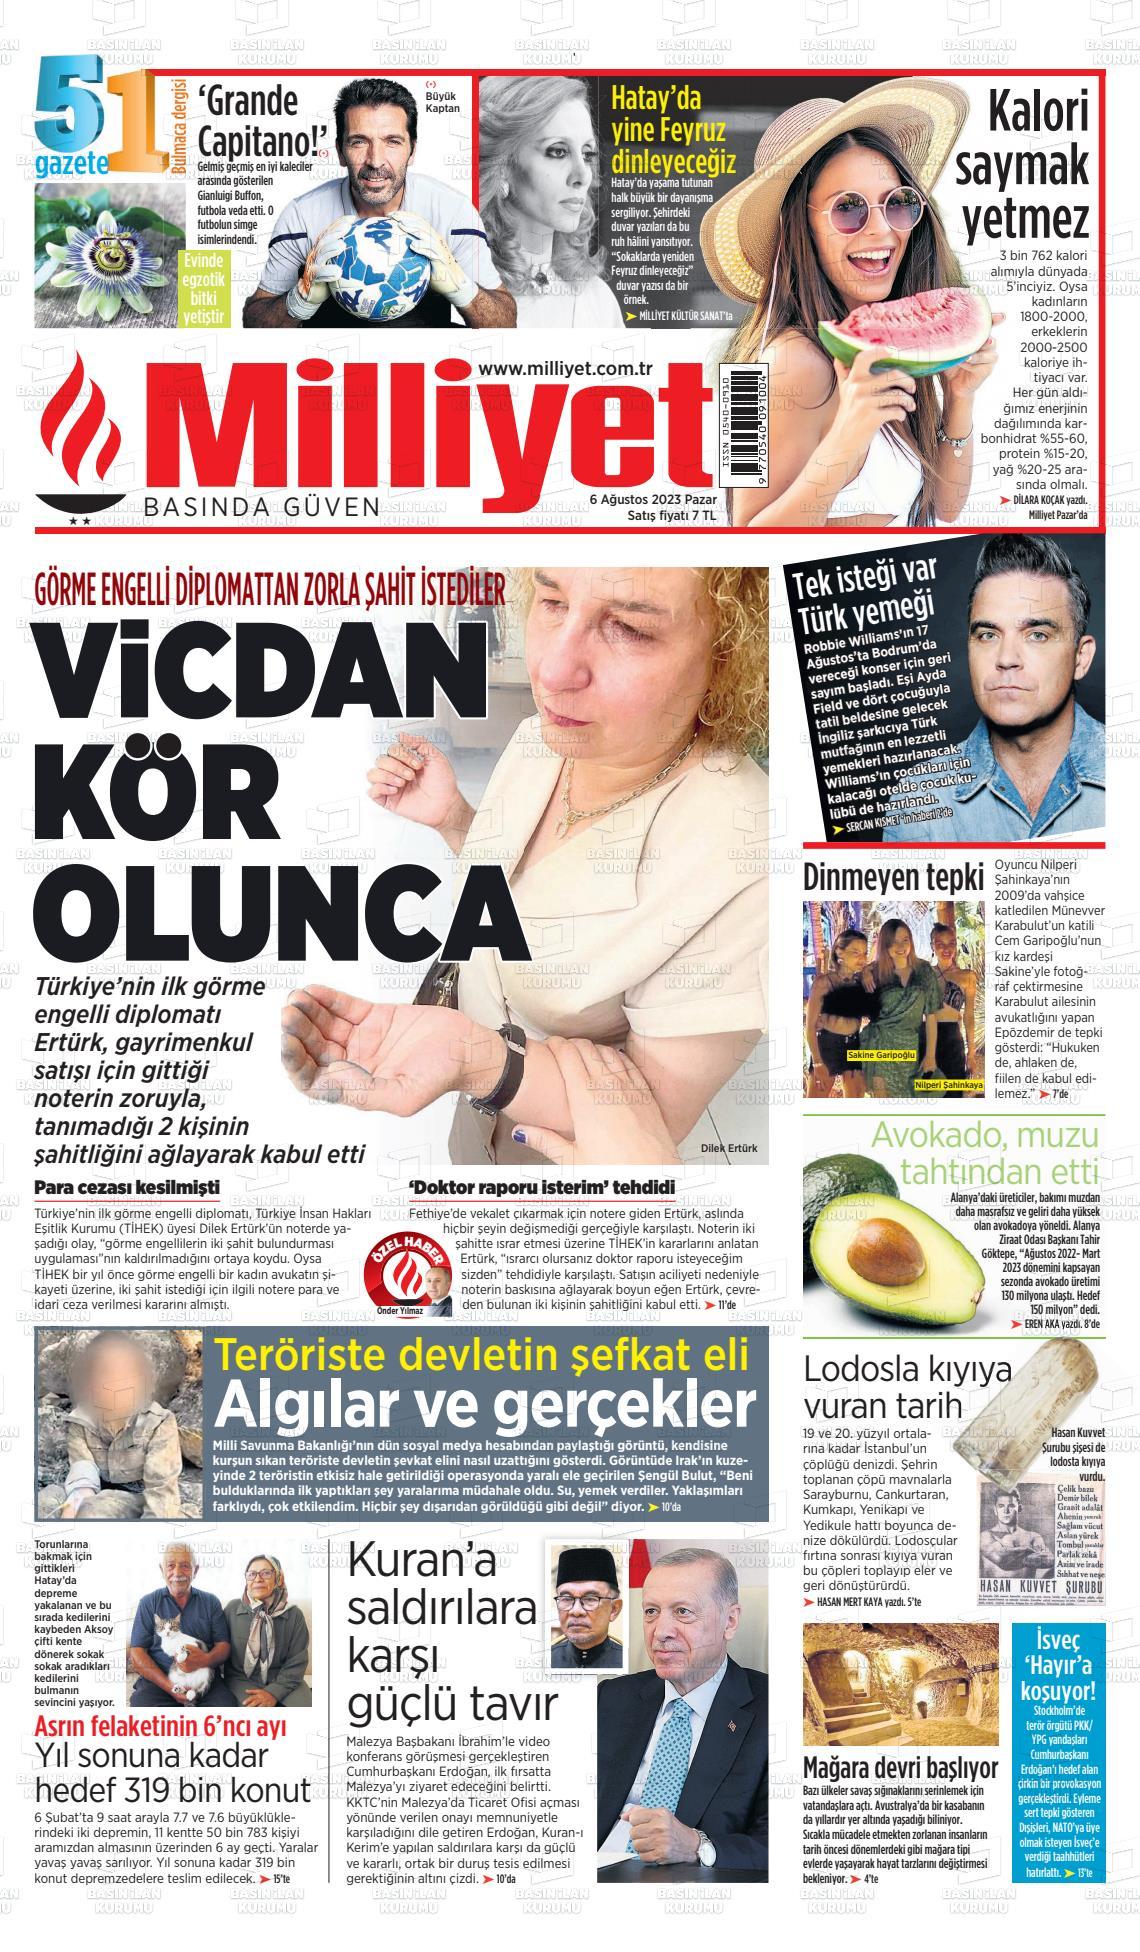 20 Temmuz 2019, Cumartesi milliyet Gazetesi